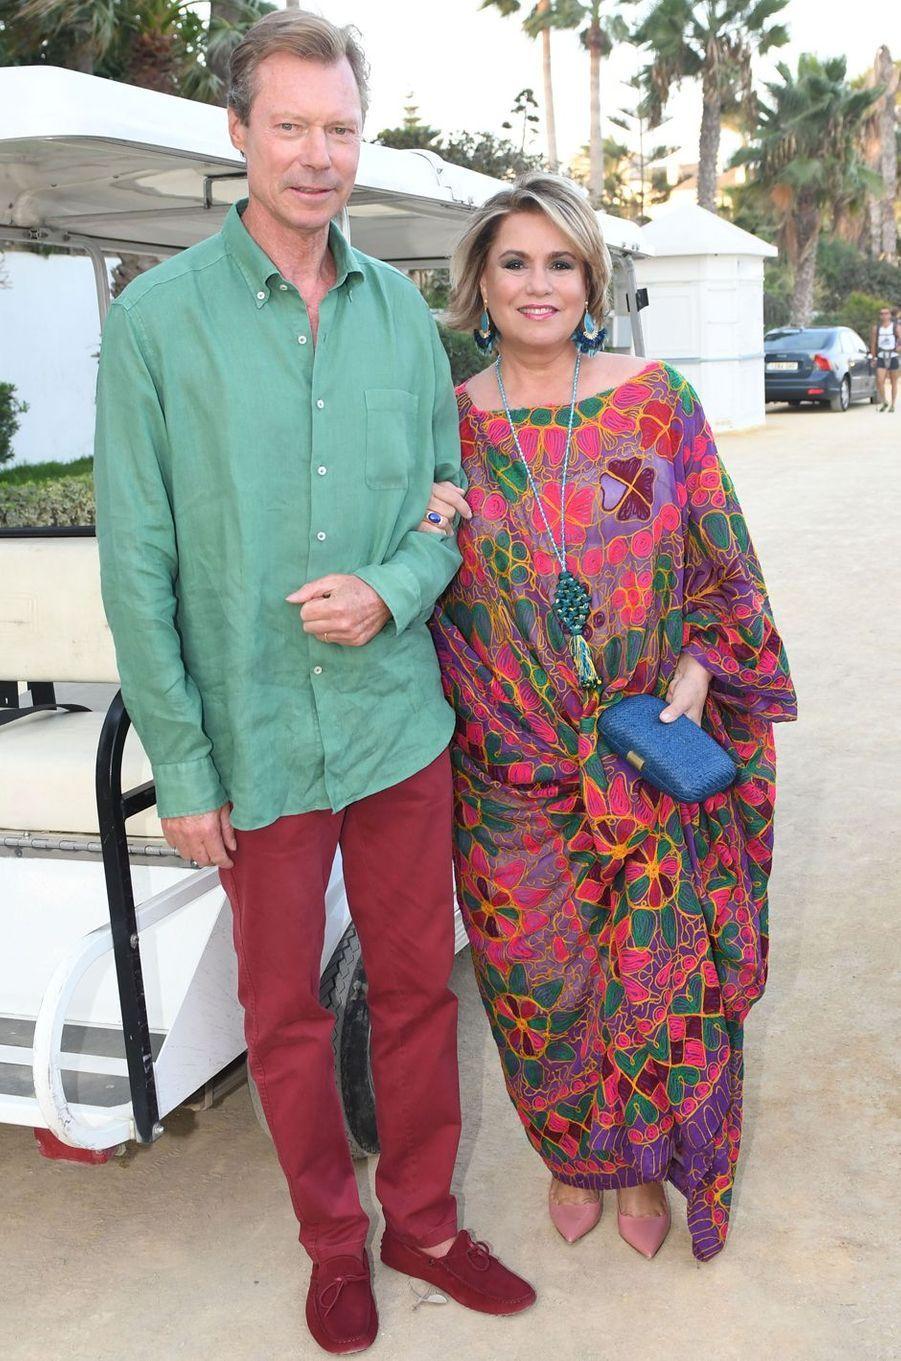 La grande-duchesse Maria Teresa de Luxembourg et son mari le grand-duc Henri à Marbella, le 1er septembre 2017